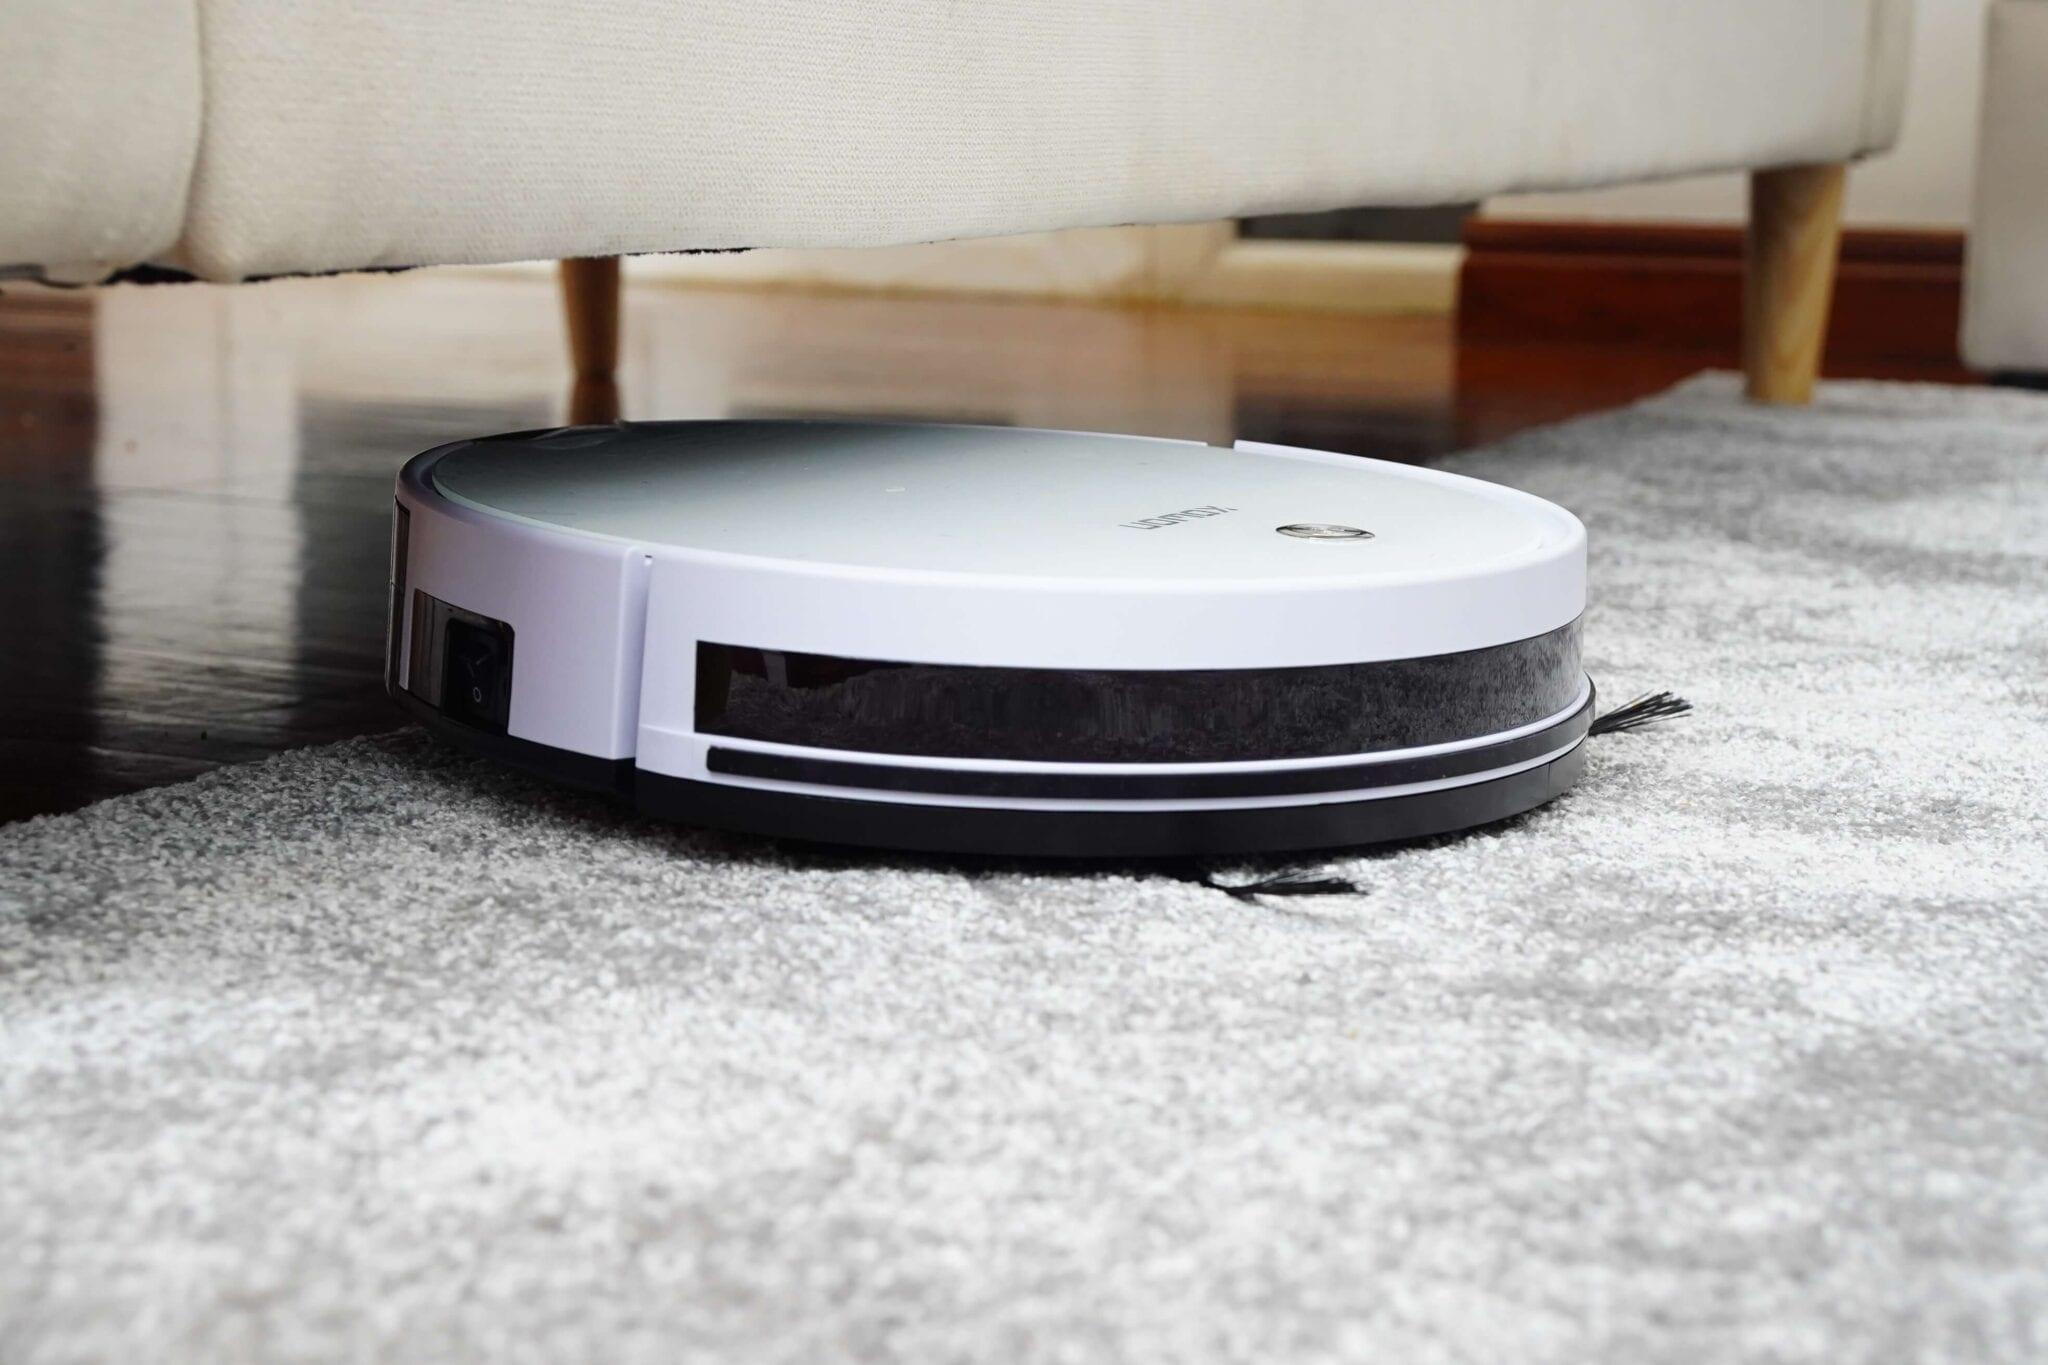 robot-vacuum